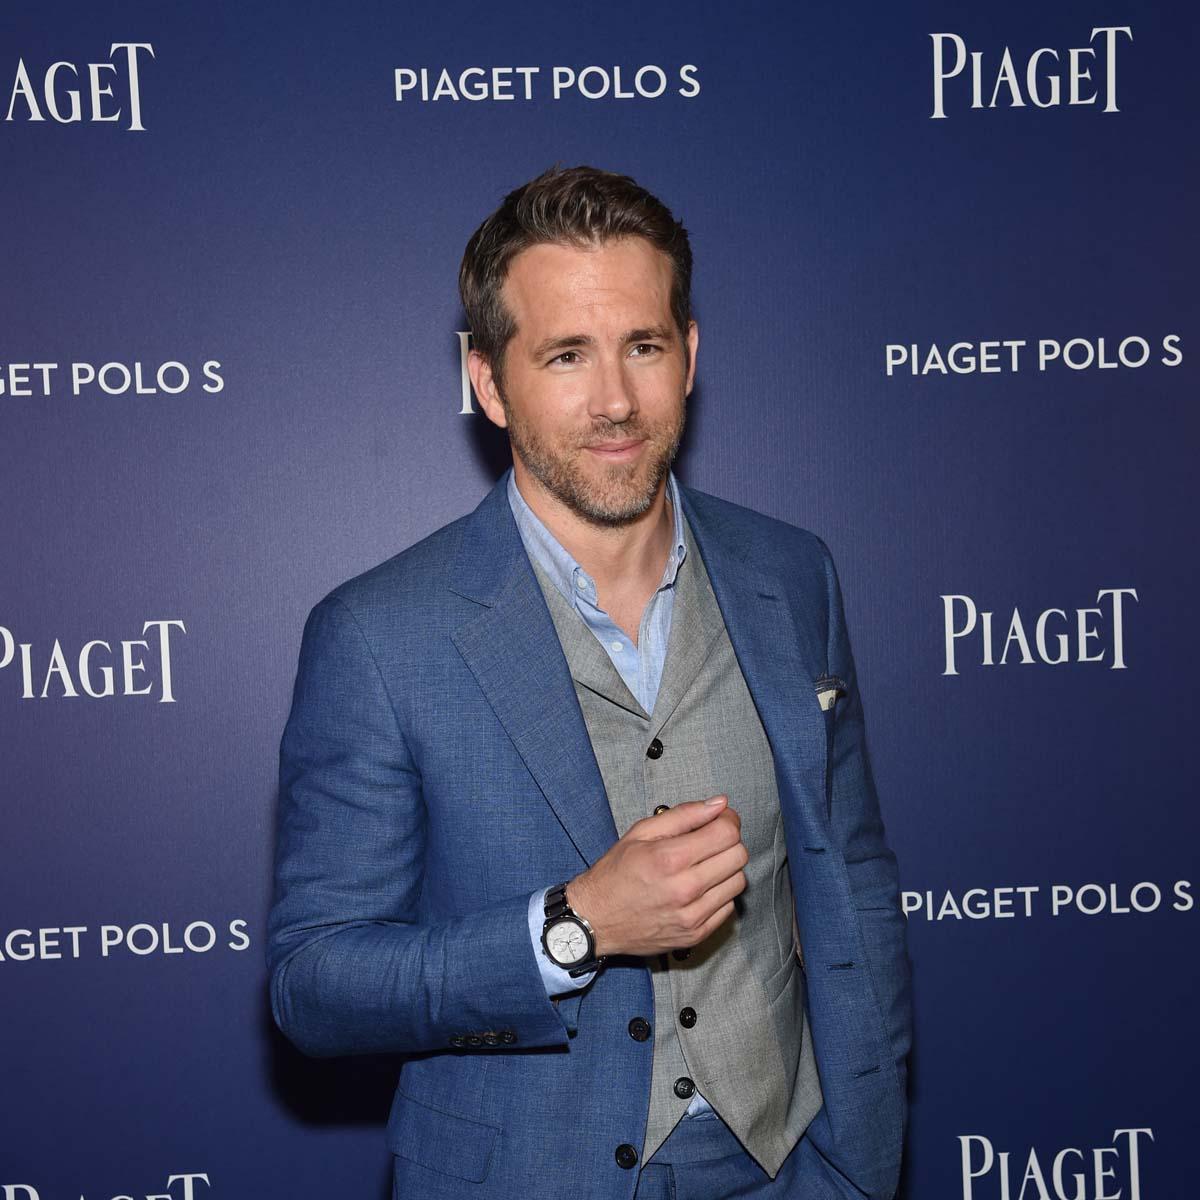 La Cote des Montres : Photo - Piaget s'empare de Brooklyn pour le lancement de sa nouvelle montre Piaget Polo S